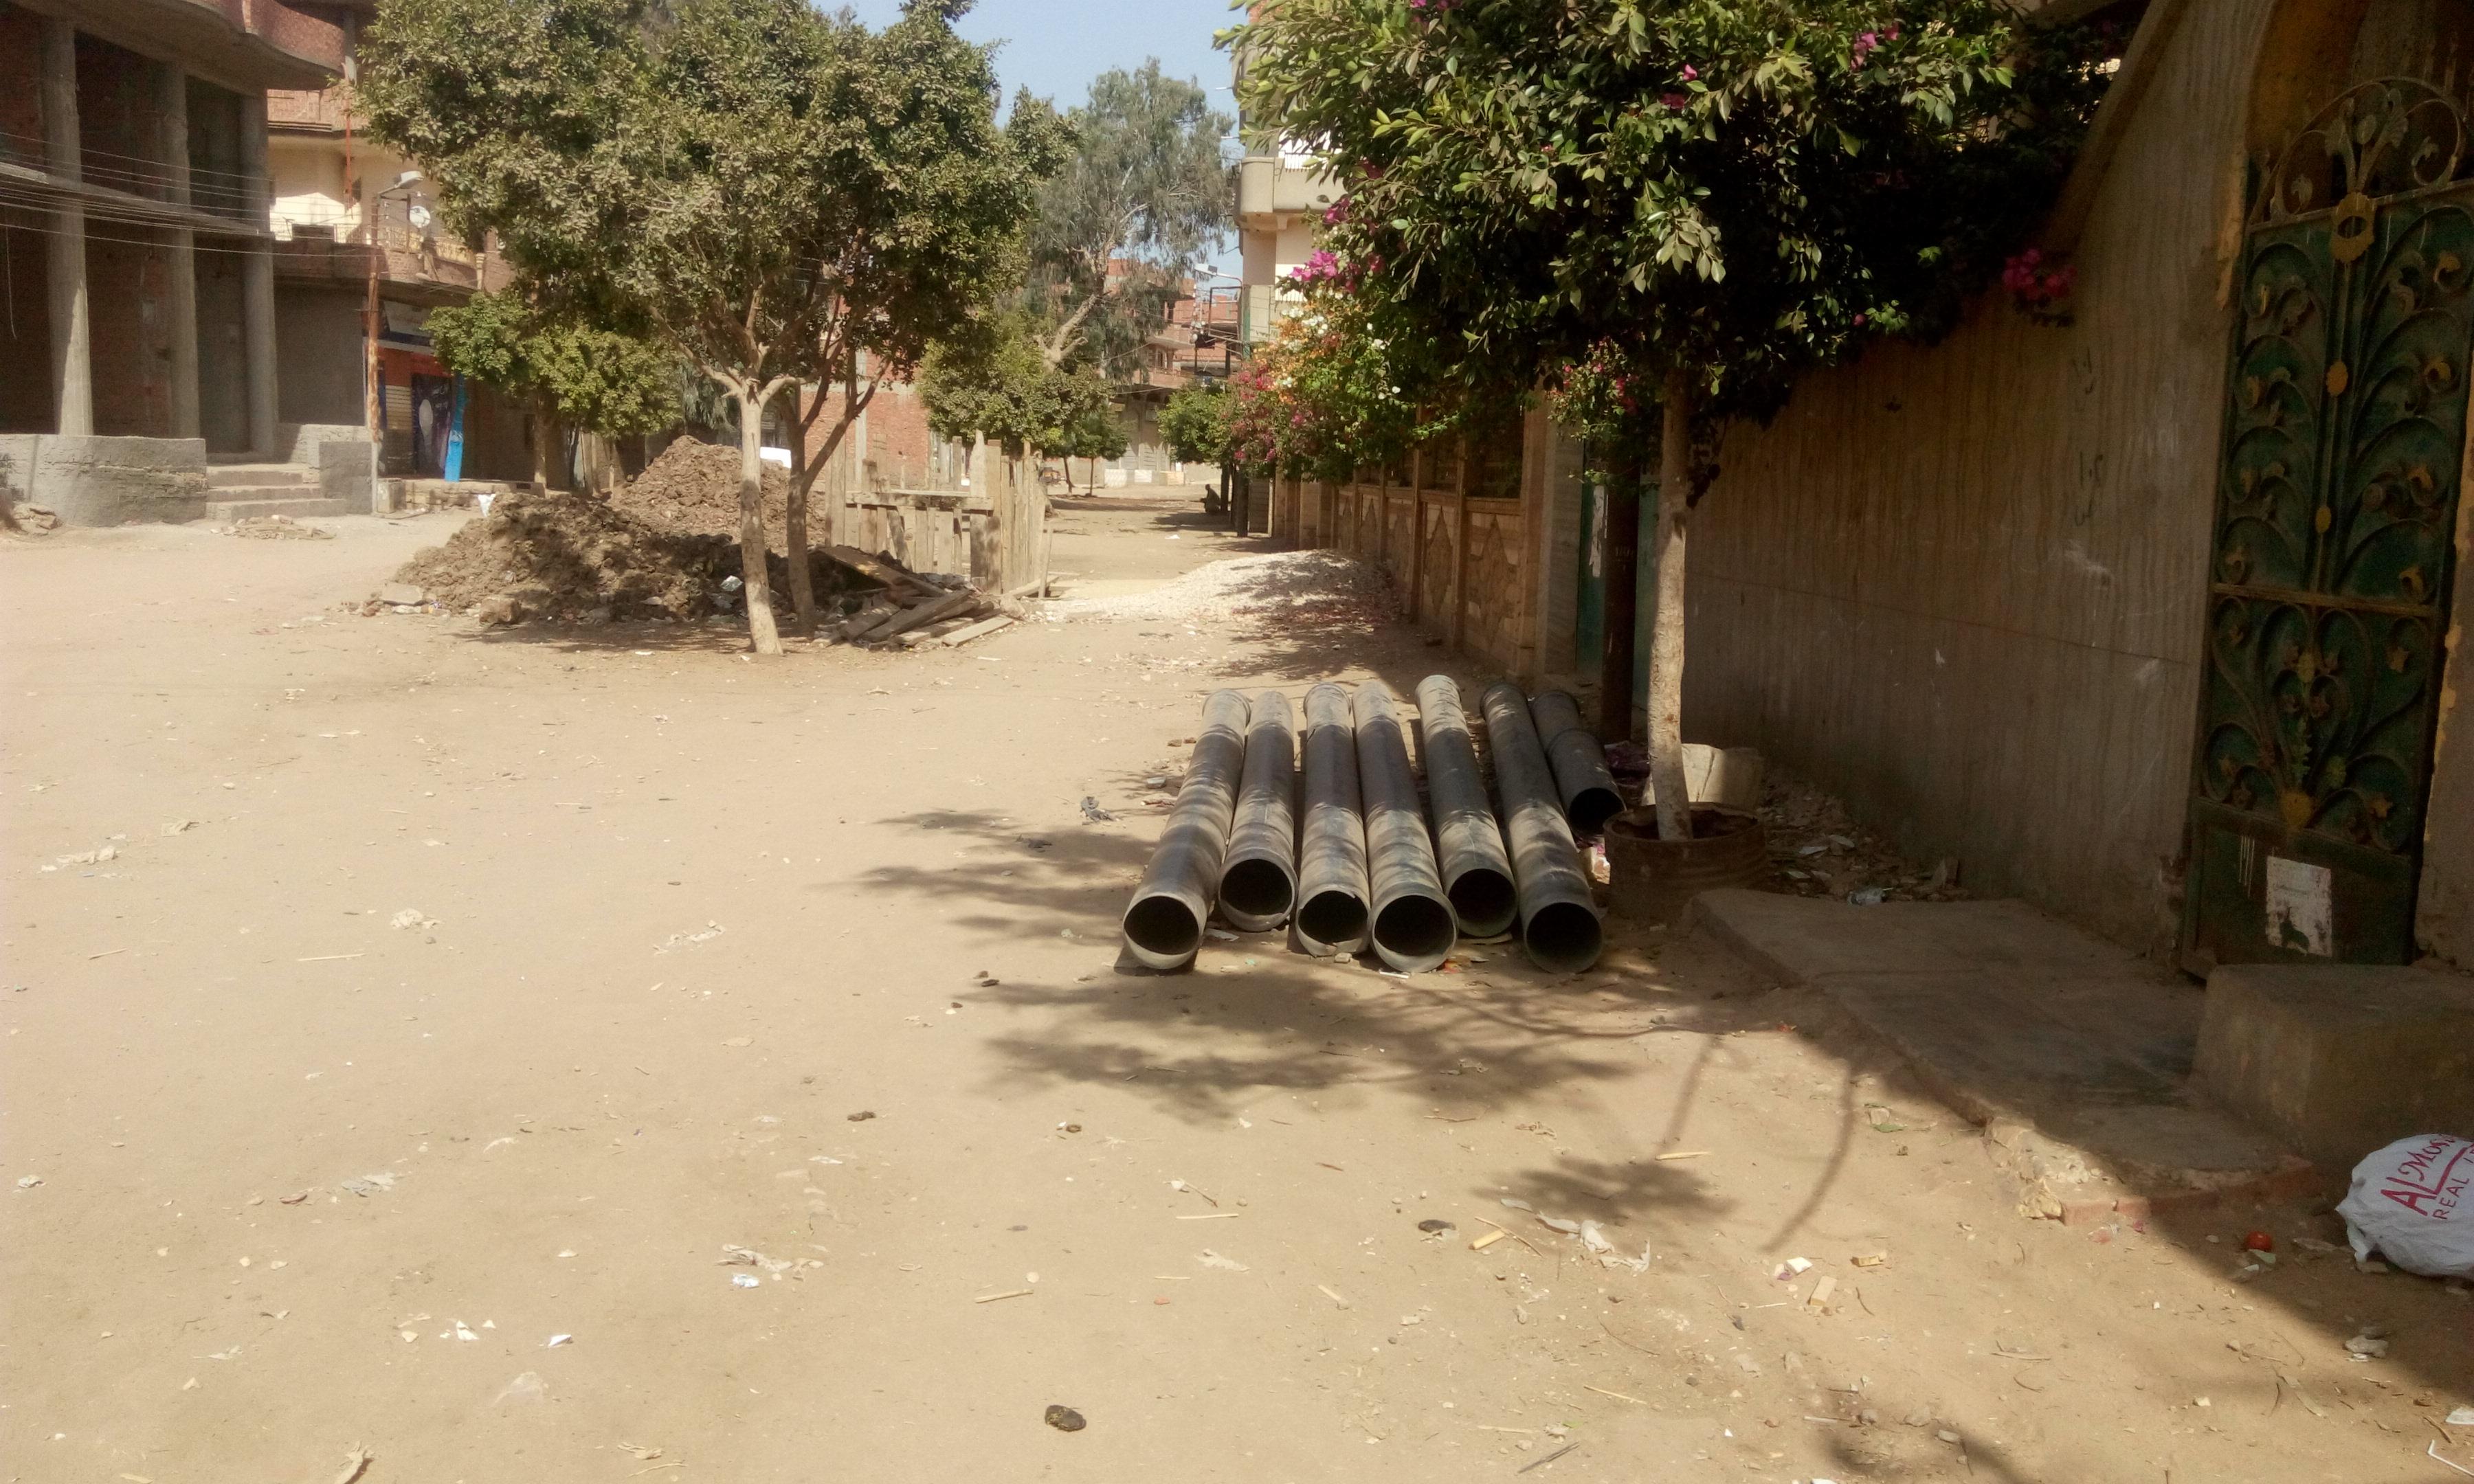 توقف العمل فى مشروع الصرف الصحى بقرية شبراملس فى الغربية (3)